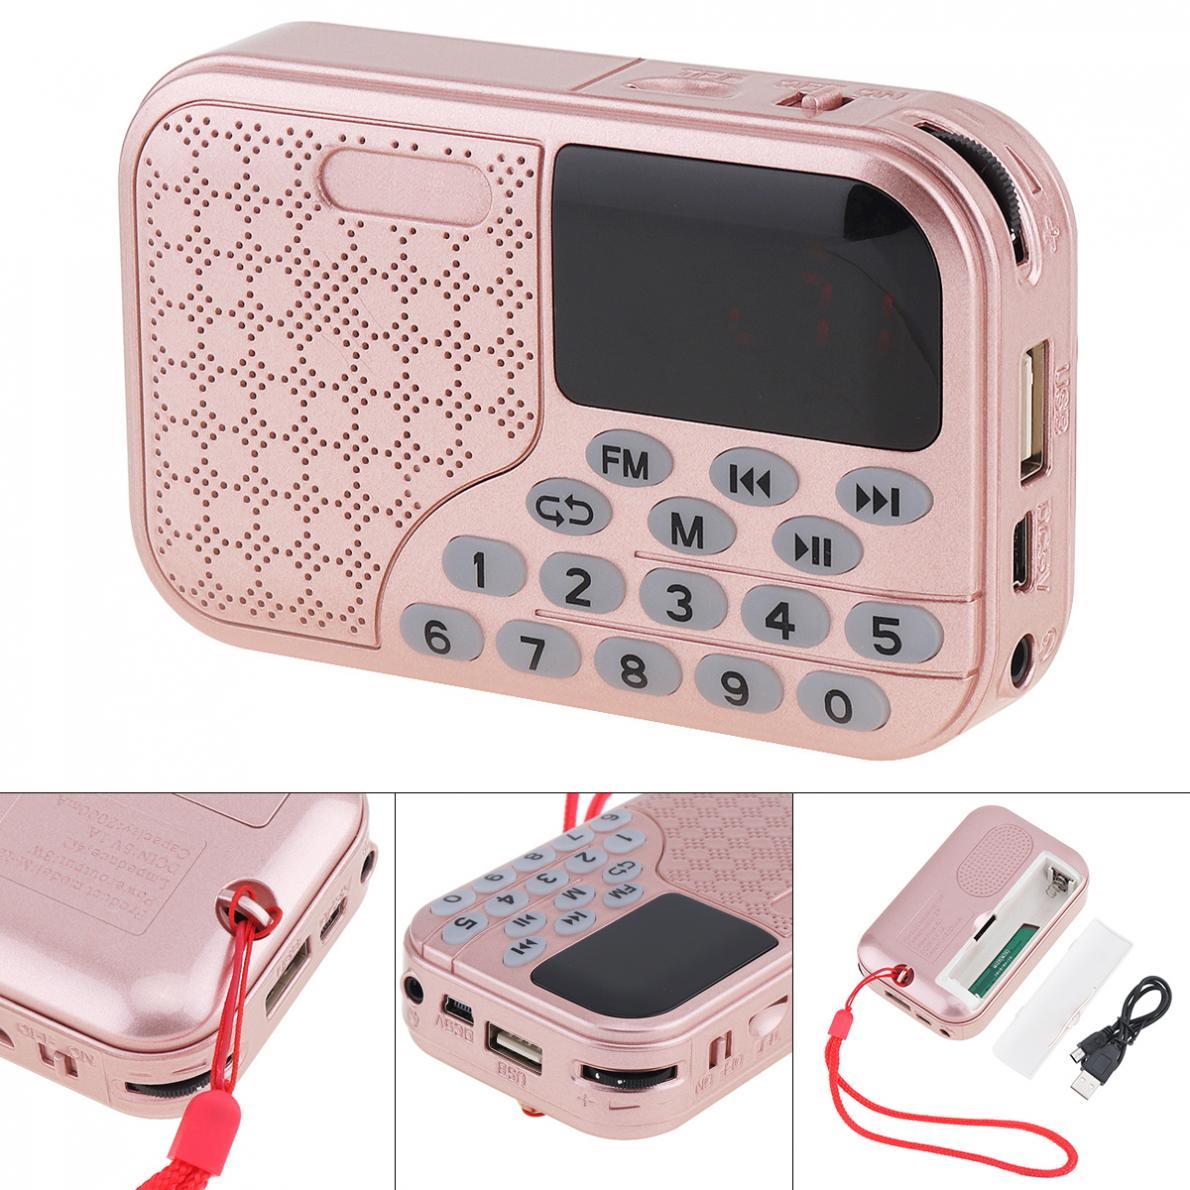 E55 Tragbare Radio Mini Audio Karte Lautsprecher Fm Radio Mit 3,5mm Kopfhörer Jack Für Hause Im Freien Guter Geschmack Unterhaltungselektronik